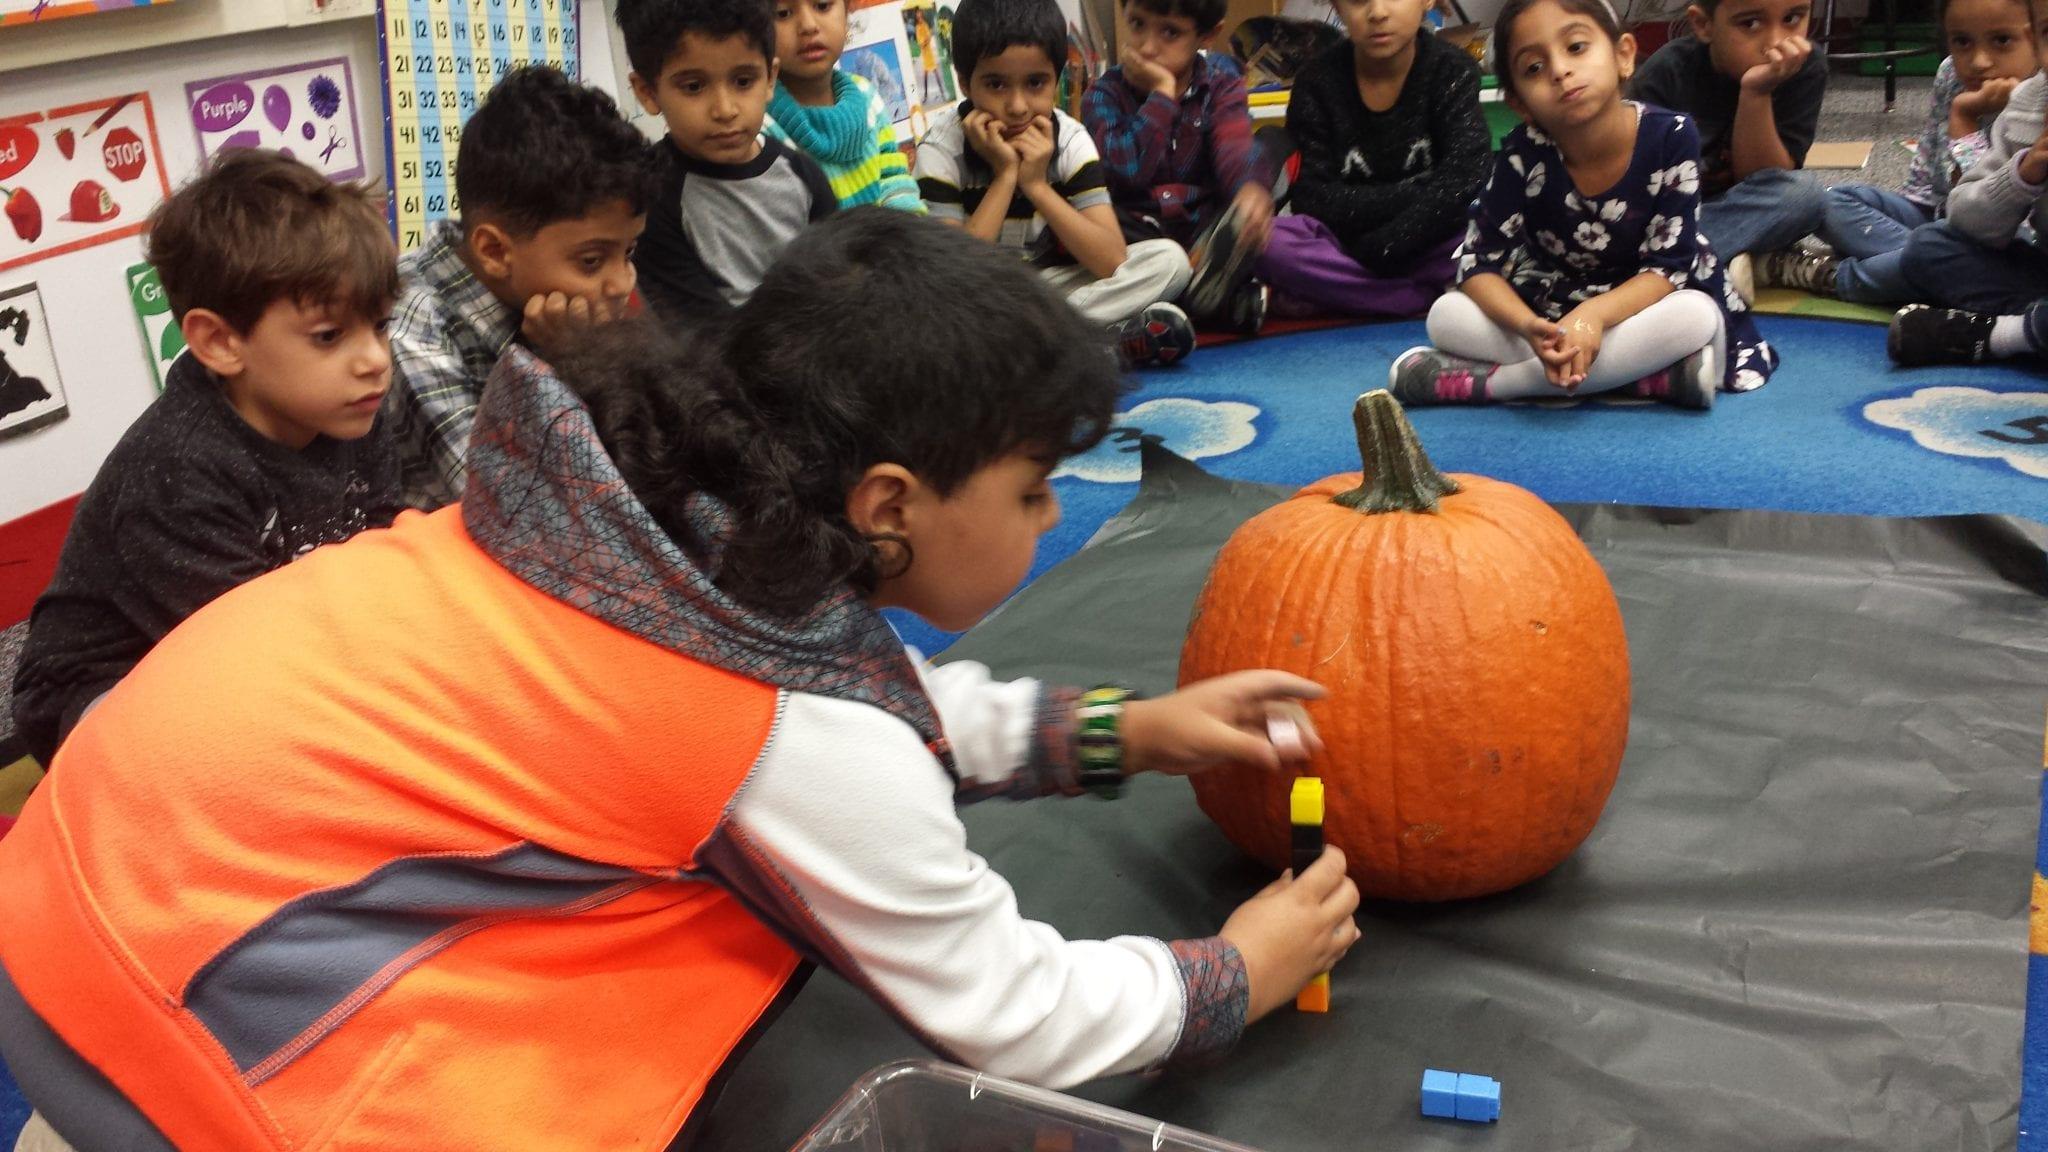 We Carved A Jack O Lantern